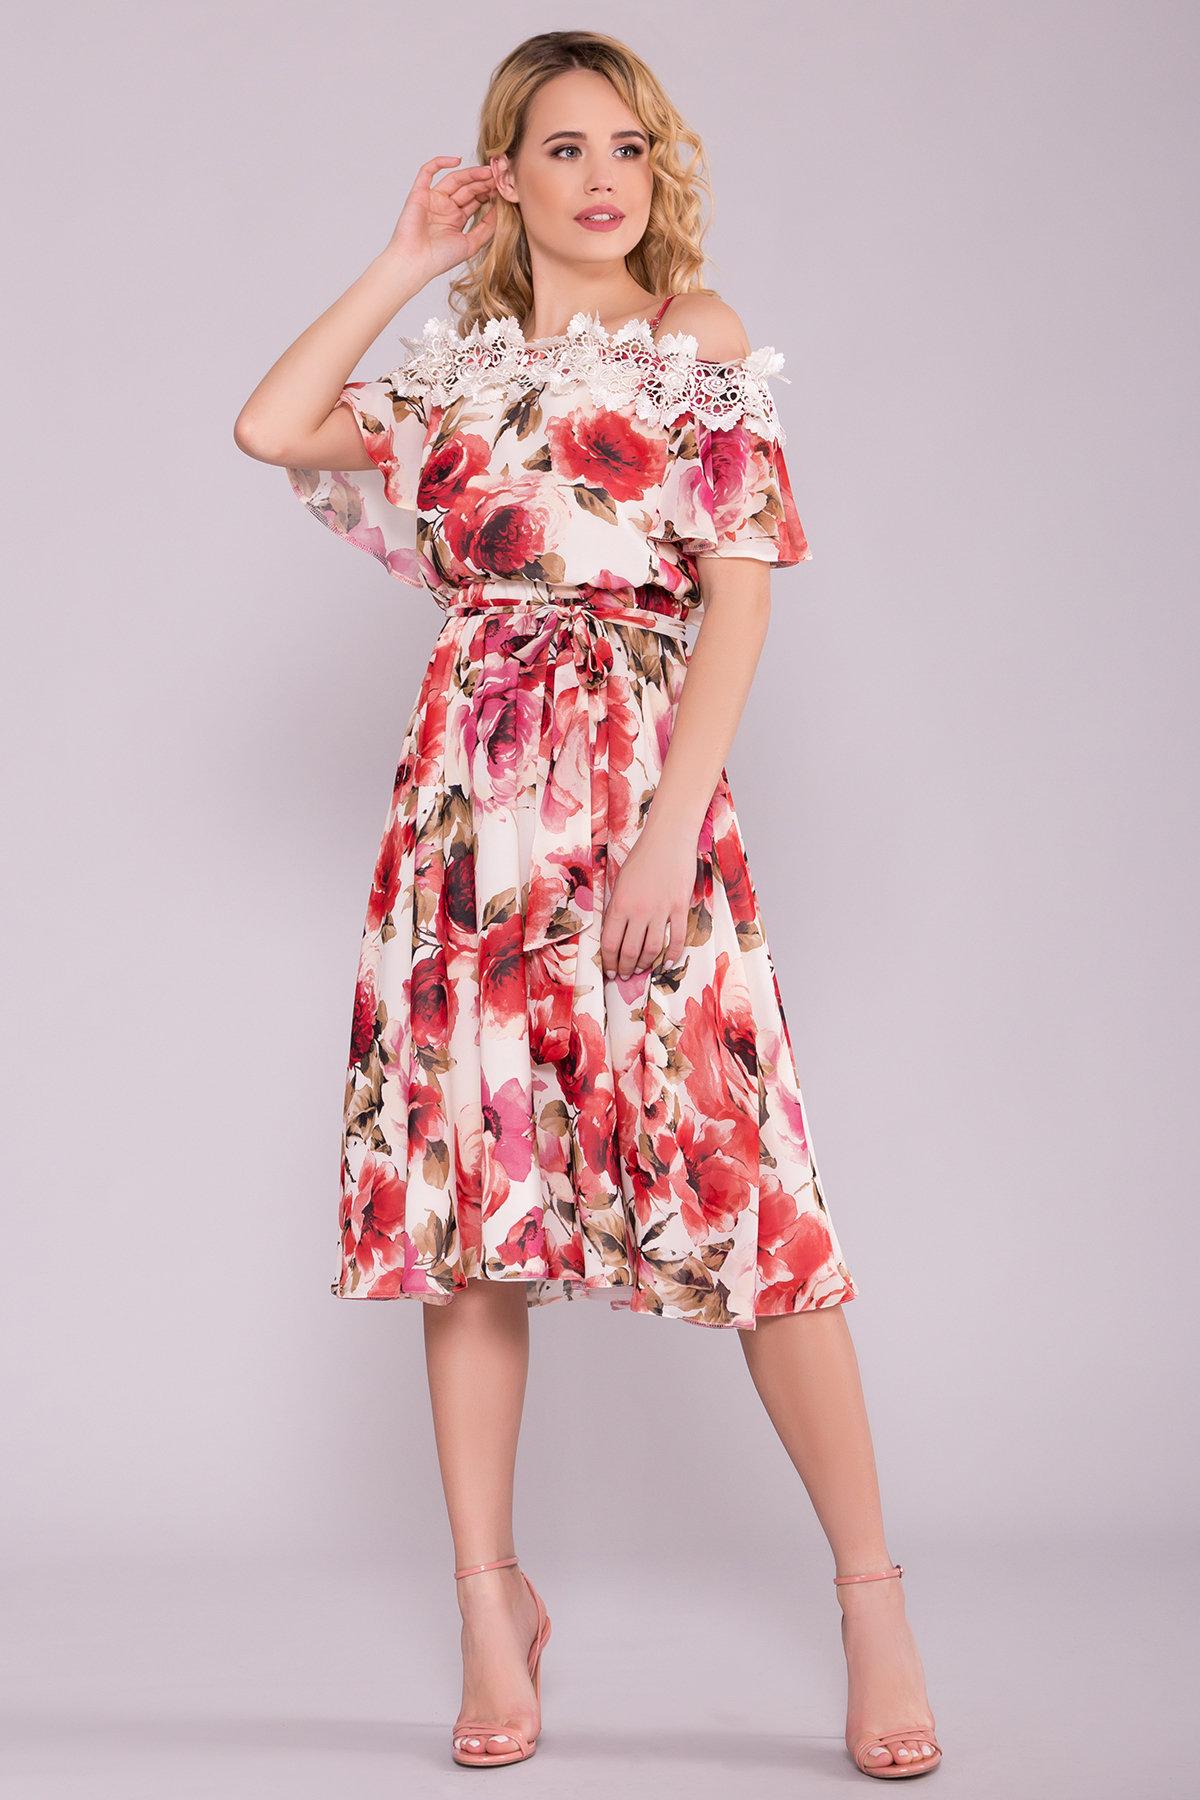 Женские платья от производителя Платье Маргарет 6924